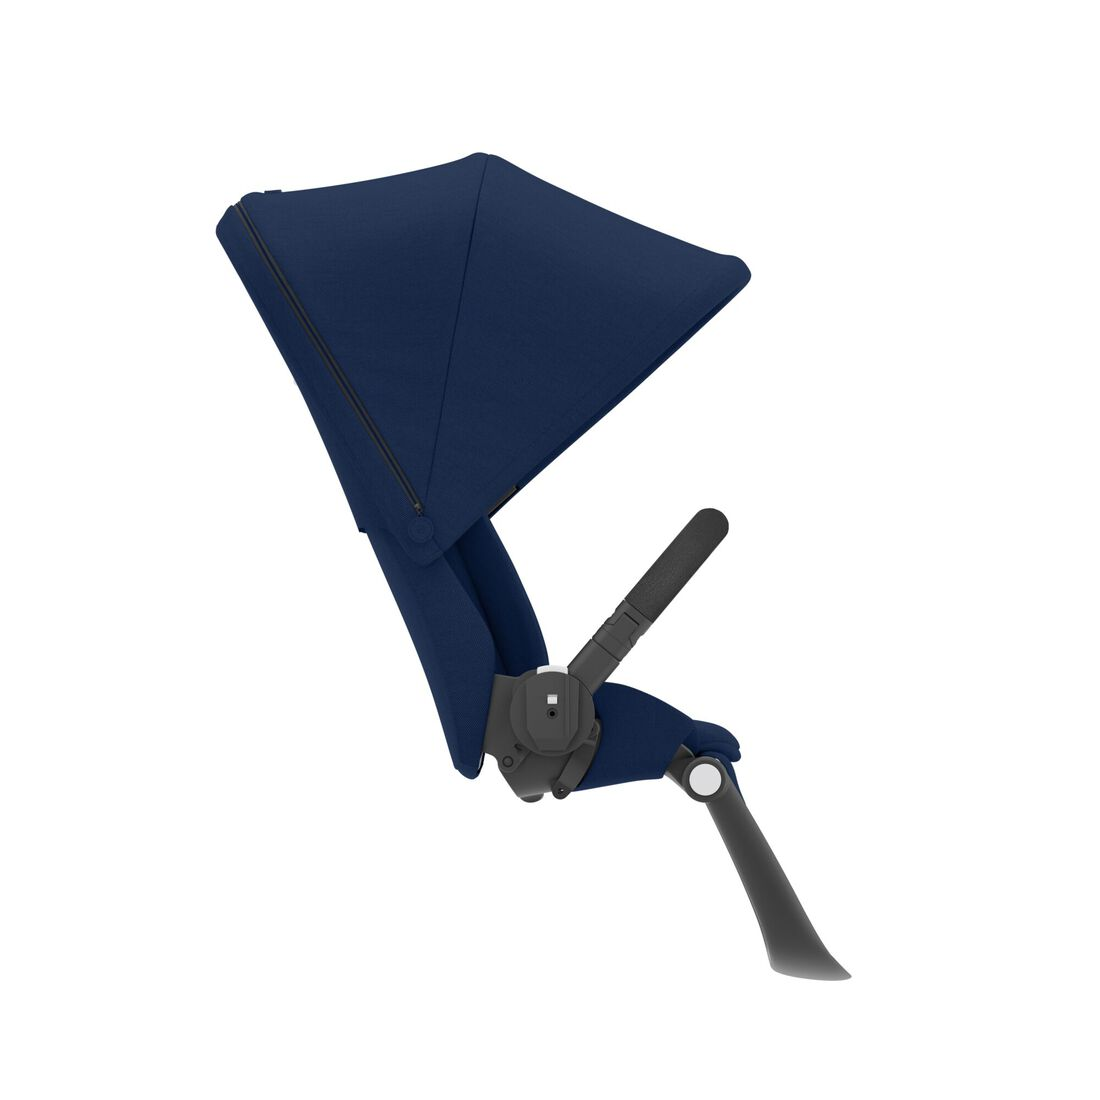 CYBEX Gazelle S Seat Unit - Navy Blue (Black Frame) in Navy Blue (Black Frame) large image number 2